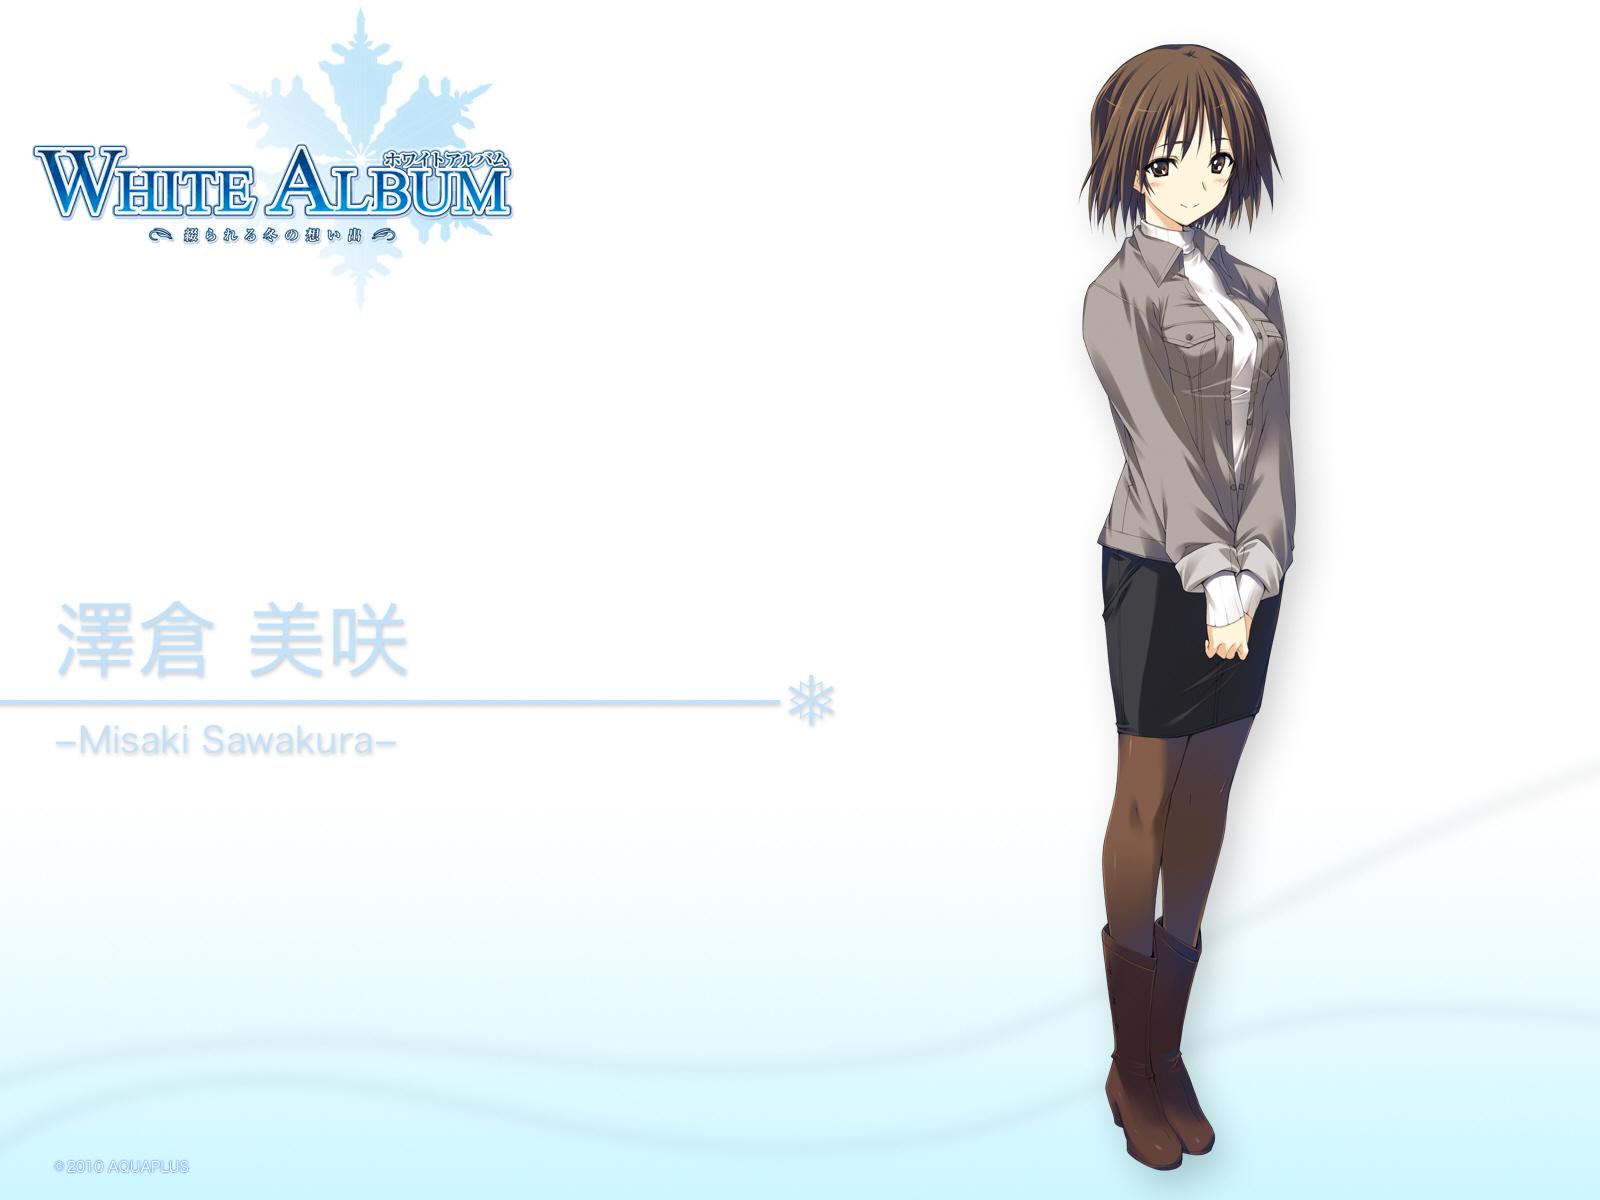 brown_eyes brown_hair pantyhose sawakura_misaki short_hair skirt white_album